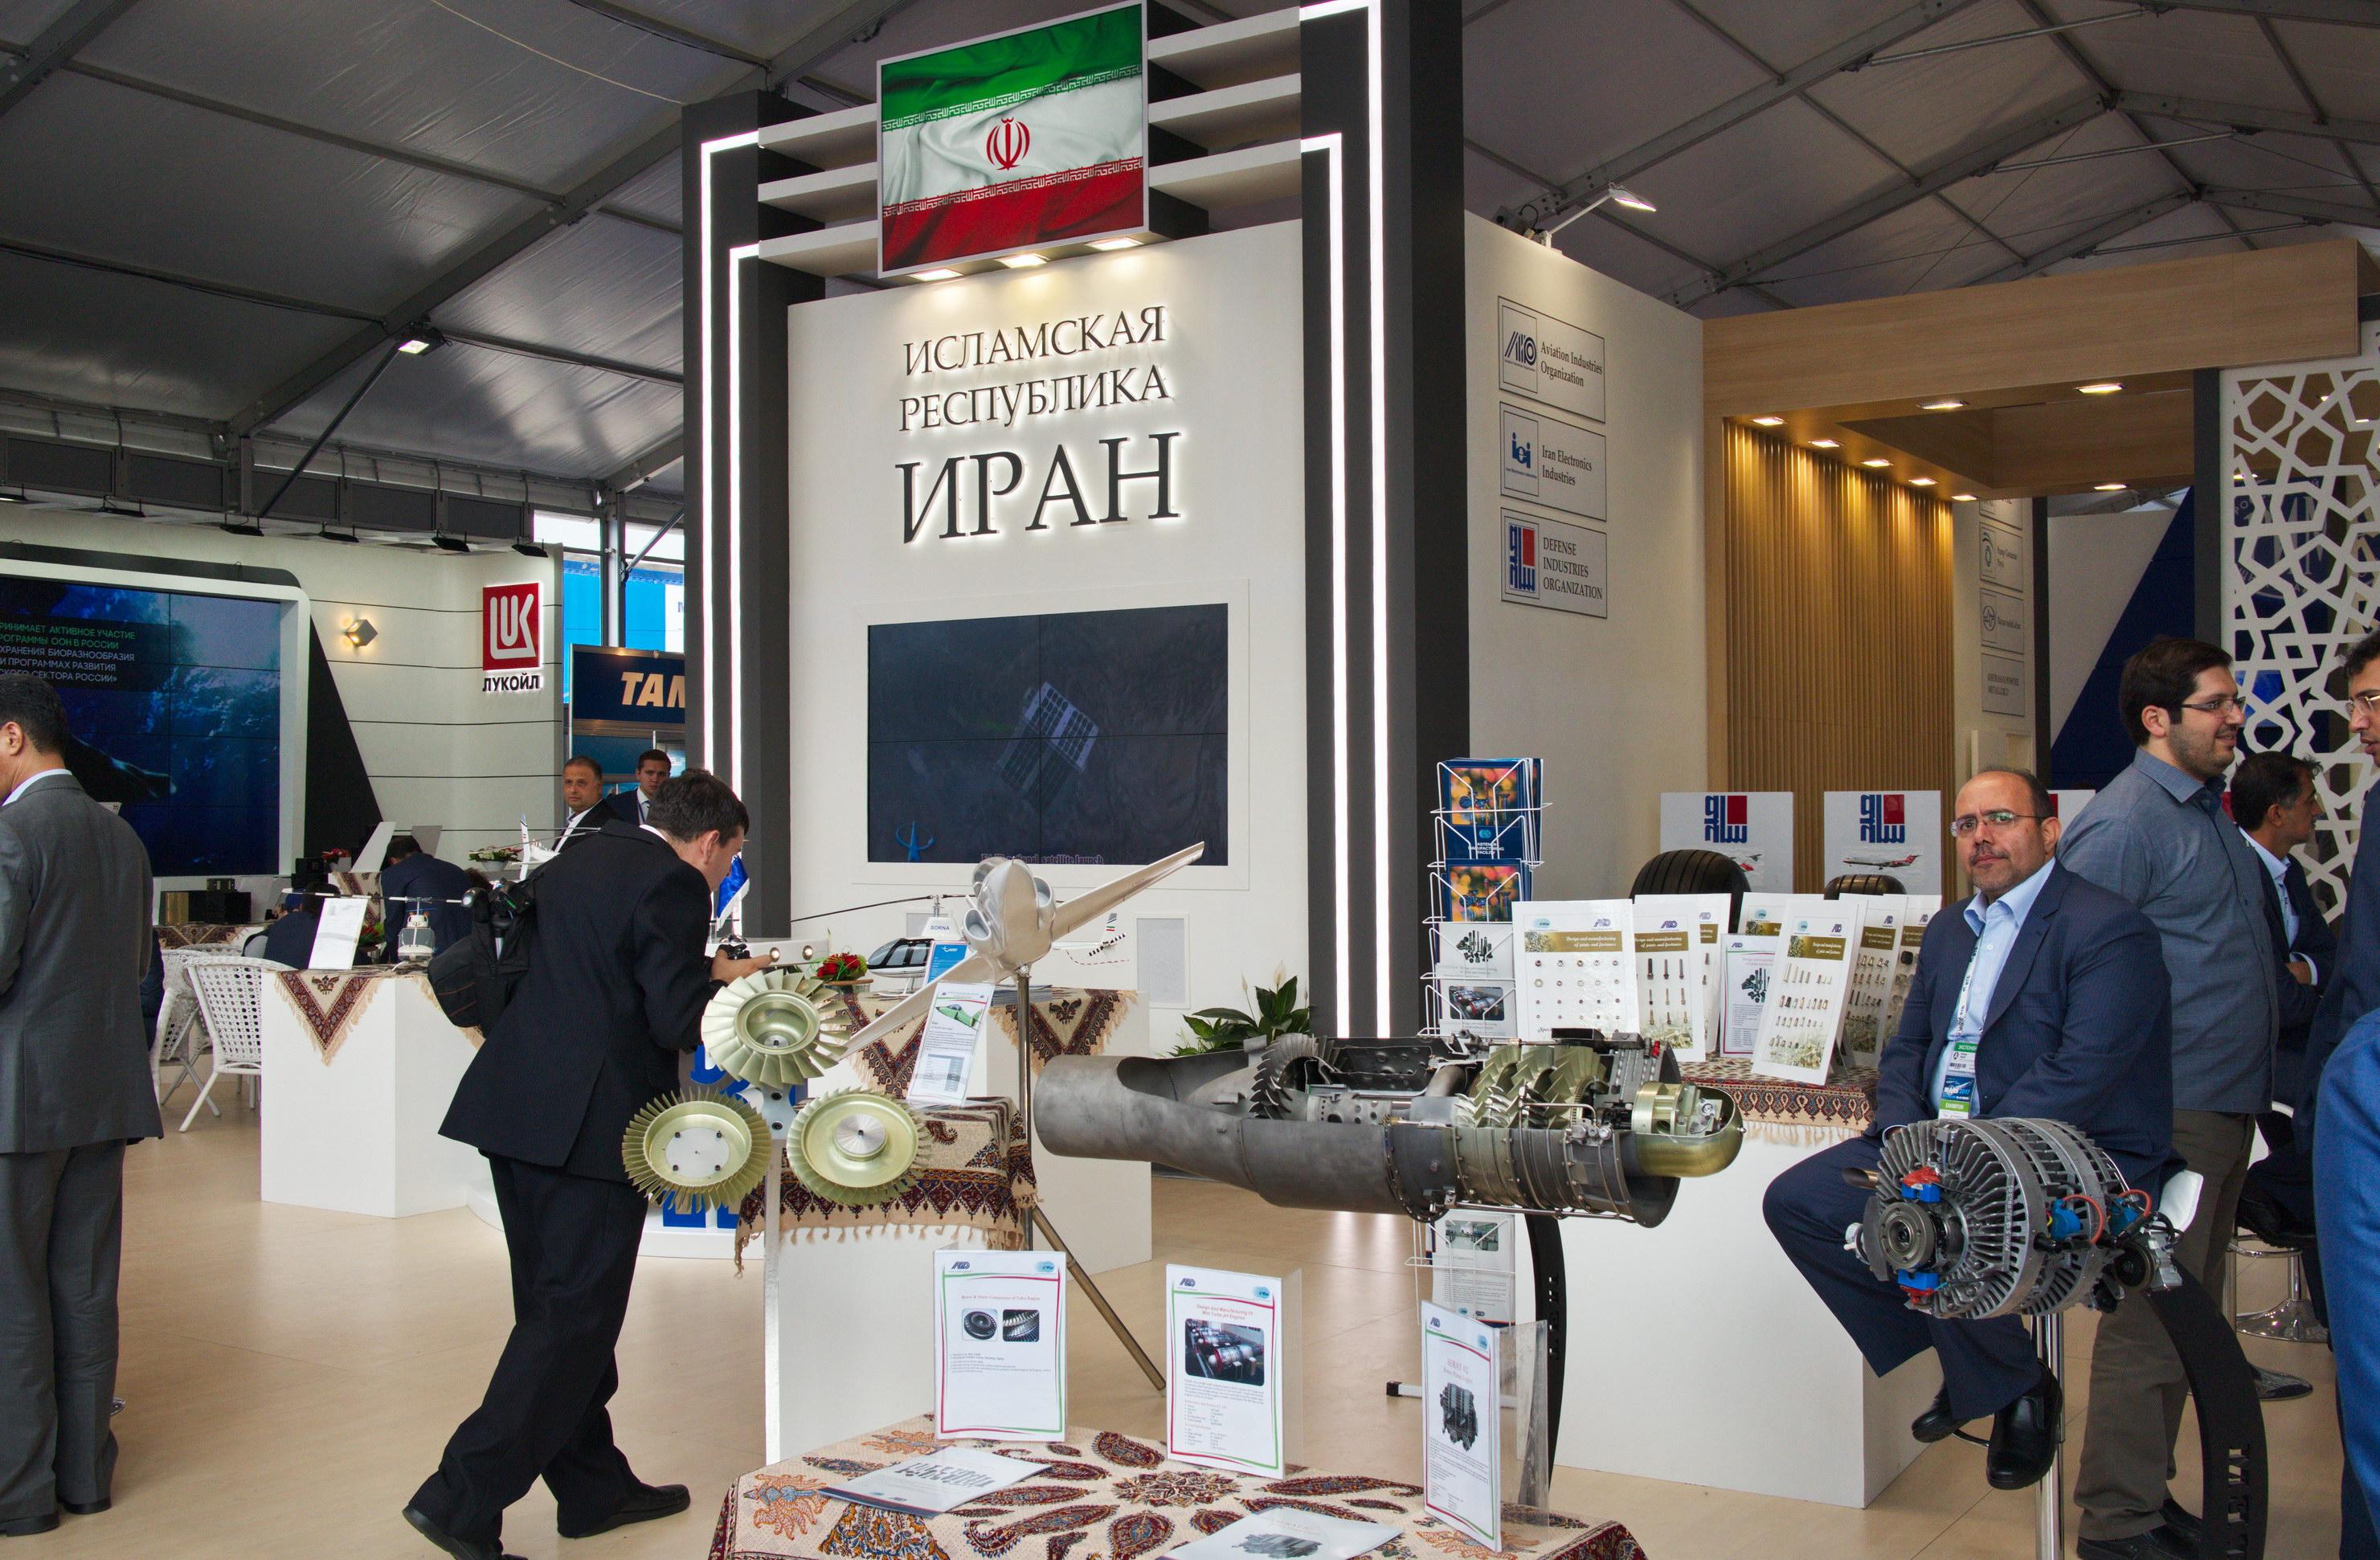 Иранская экспозиция на МАКС-2017. Часть.2